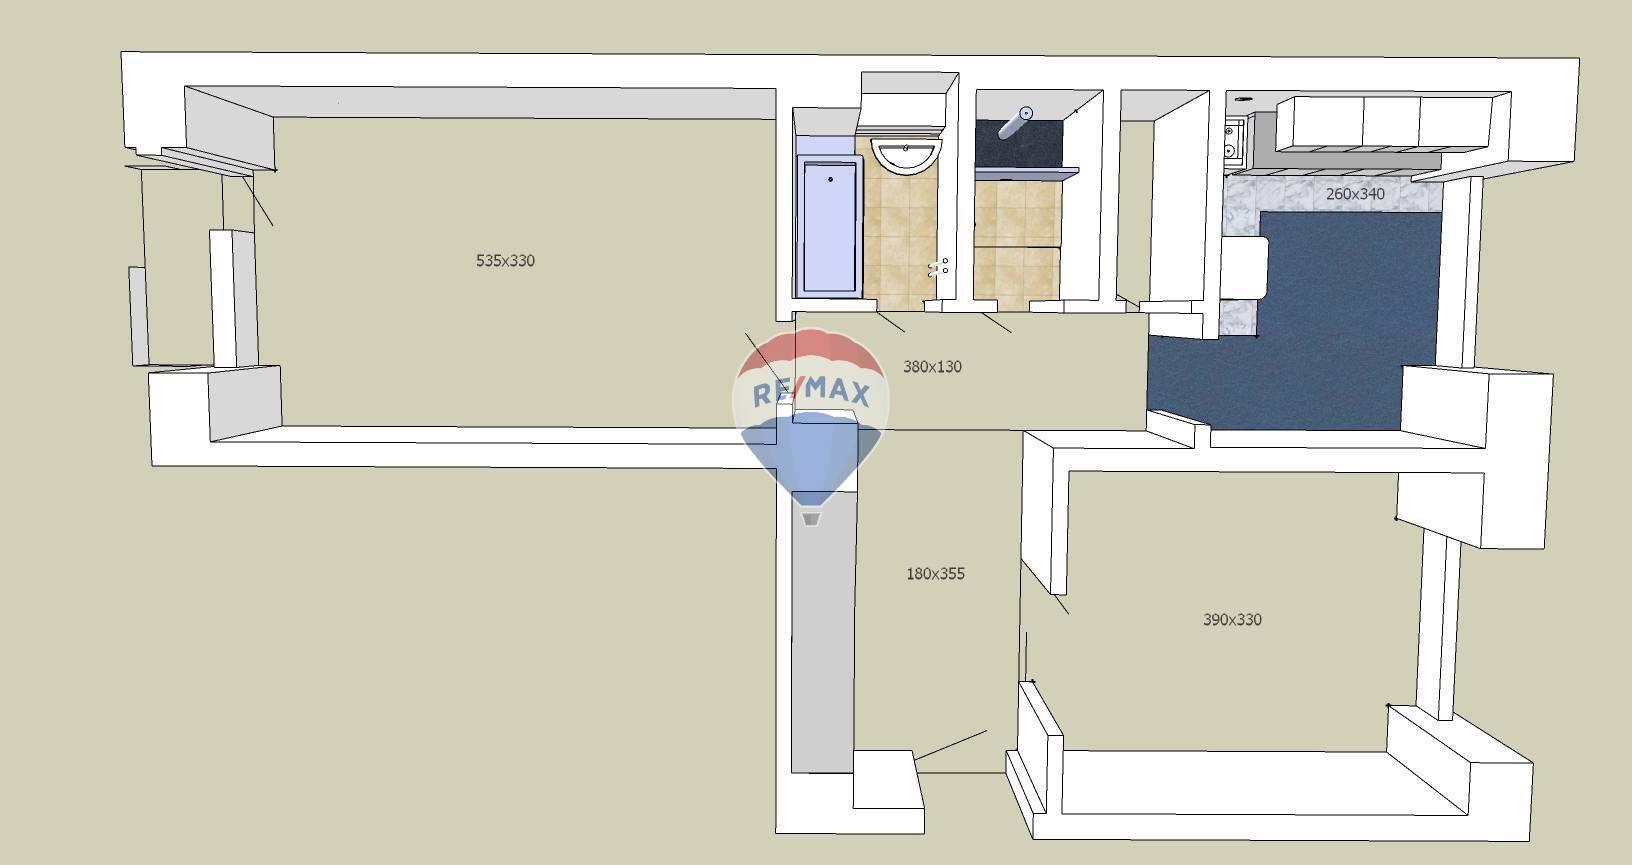 2 izbový byt na prenájom Košice, ulica Komenského / Apartment for rent, Komenského street